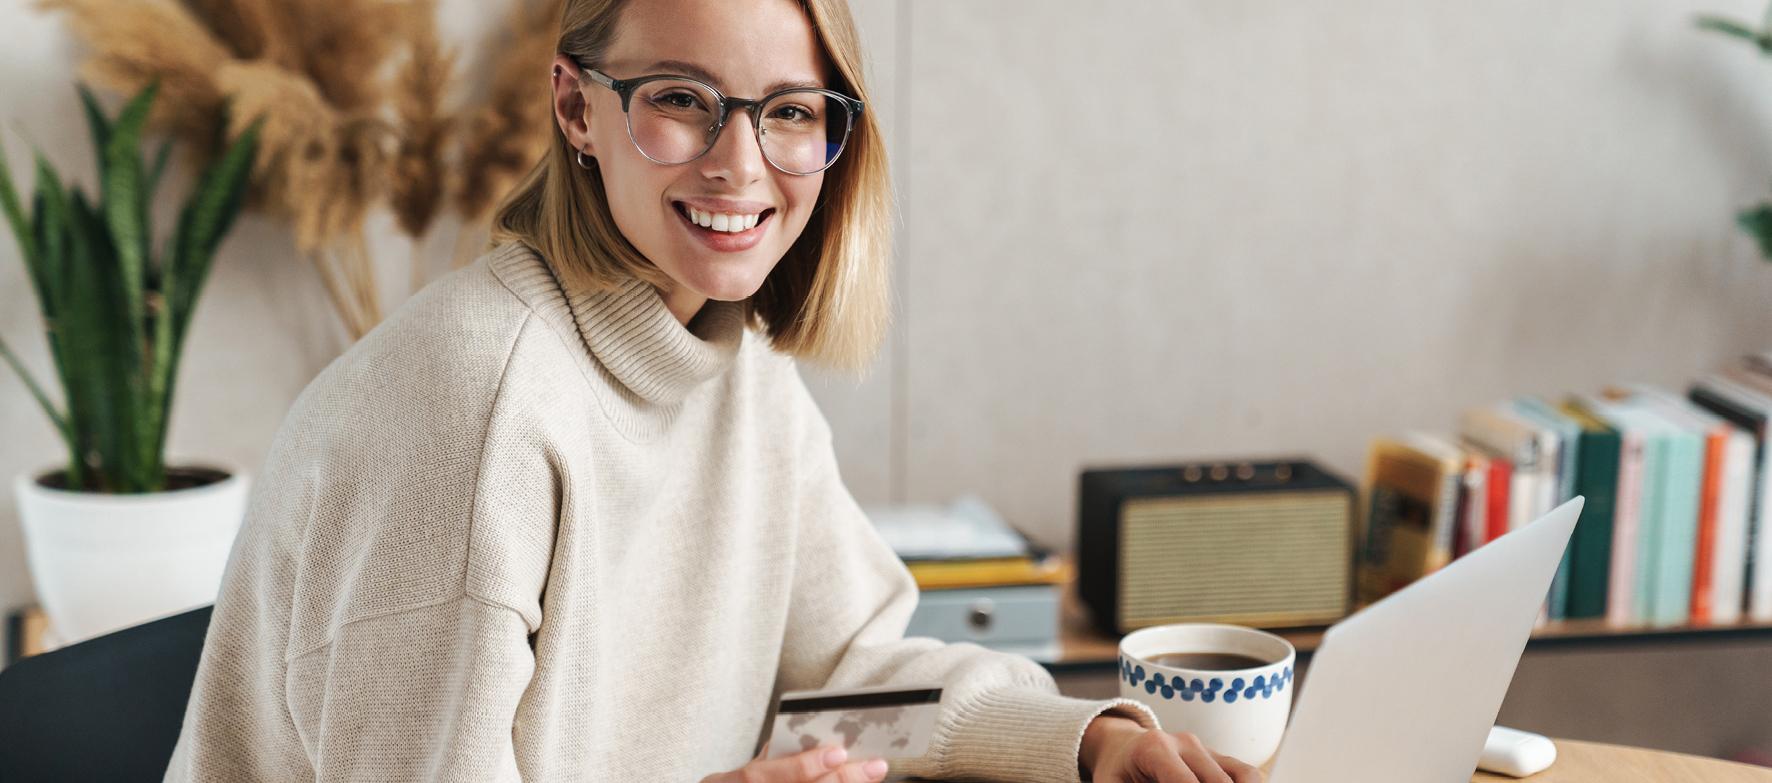 Junge Frau sitzt mit Laptop am Frühstückstisch